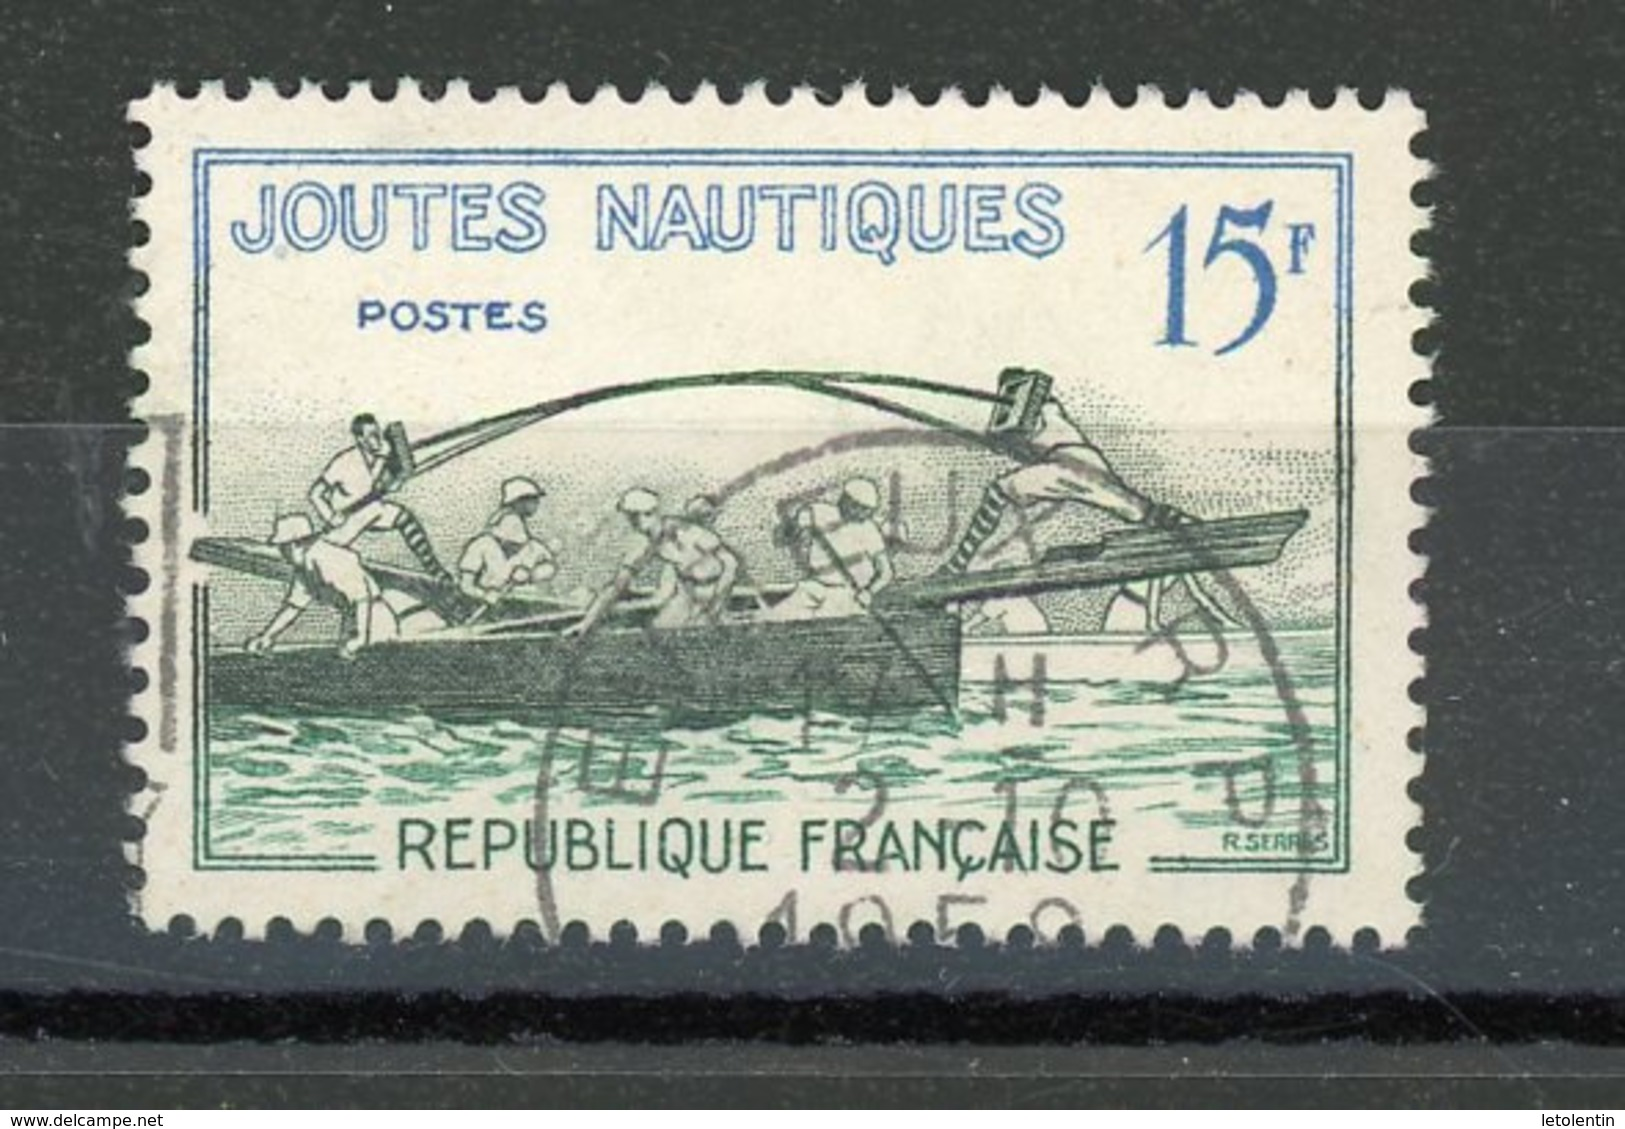 FRANCE - JOUTES NAUTIQUES - N° Yvert 1162 Obli. Ronde De EVREUX 1958 - France